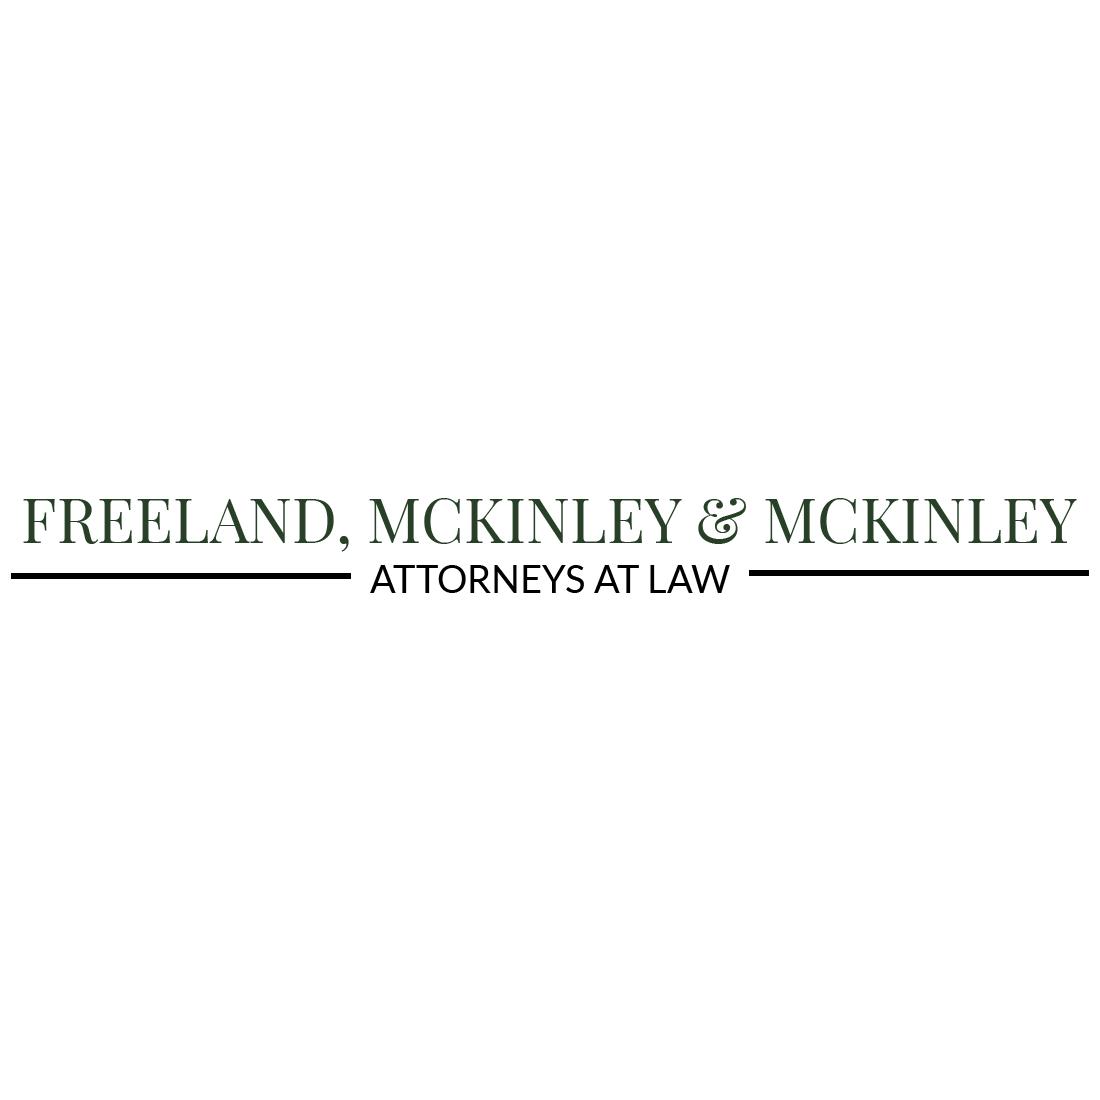 Freeland, McKinley & McKinley